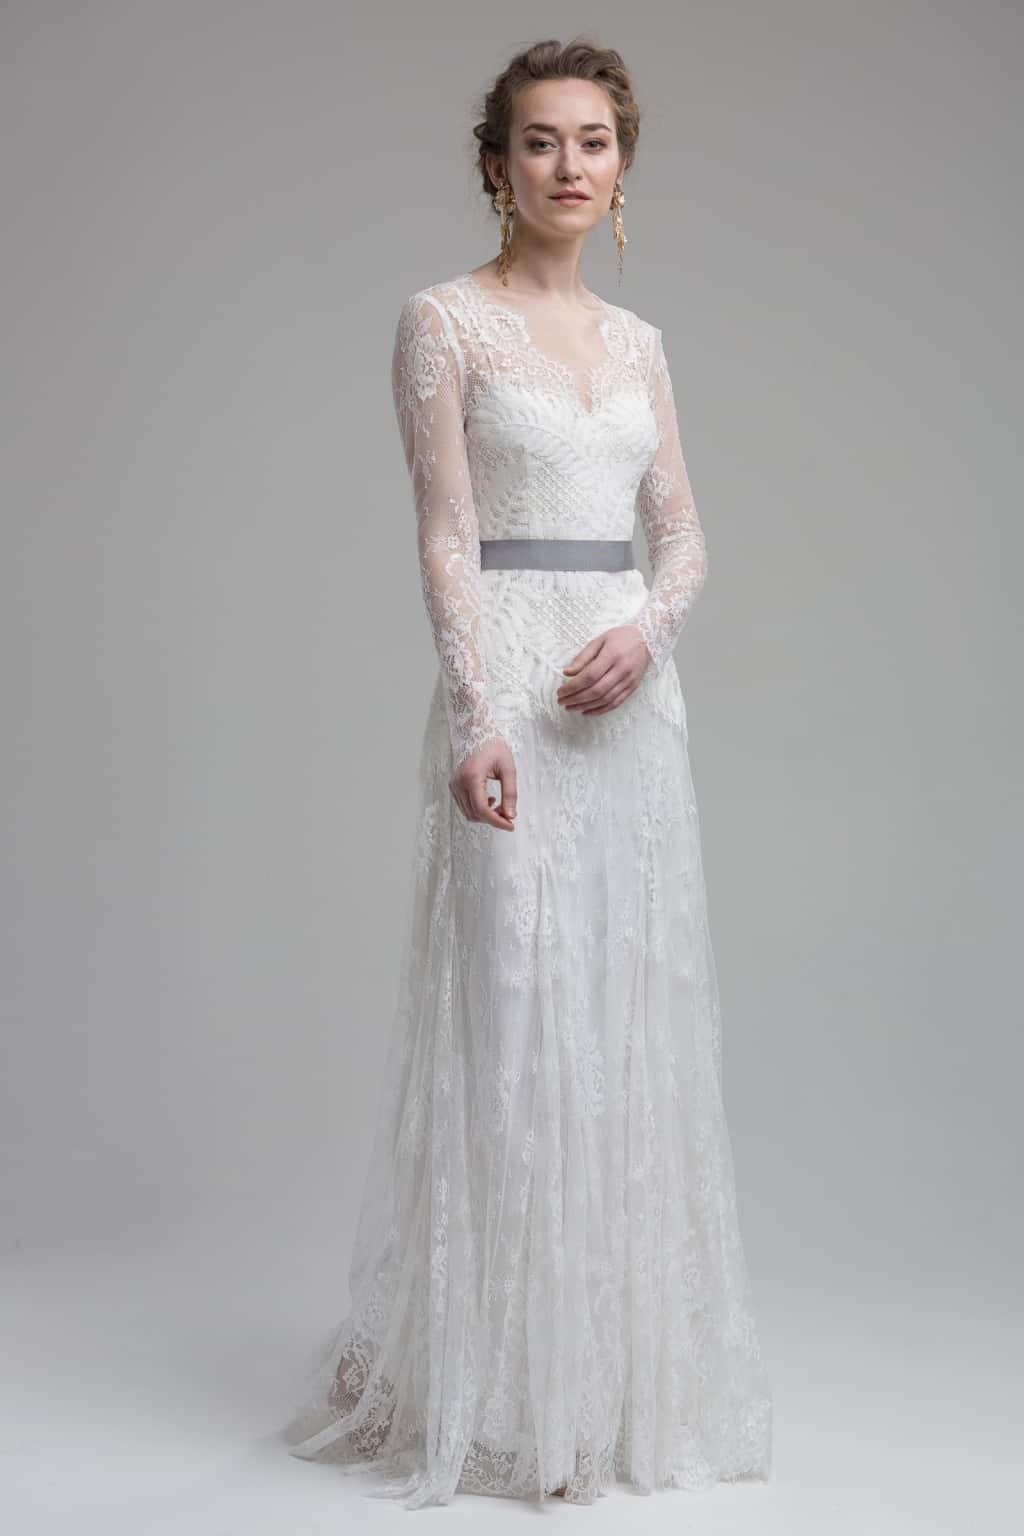 Sydney - 2in1 Kleid aus wunderschöner, von der Natur inspirierter, Spitze.